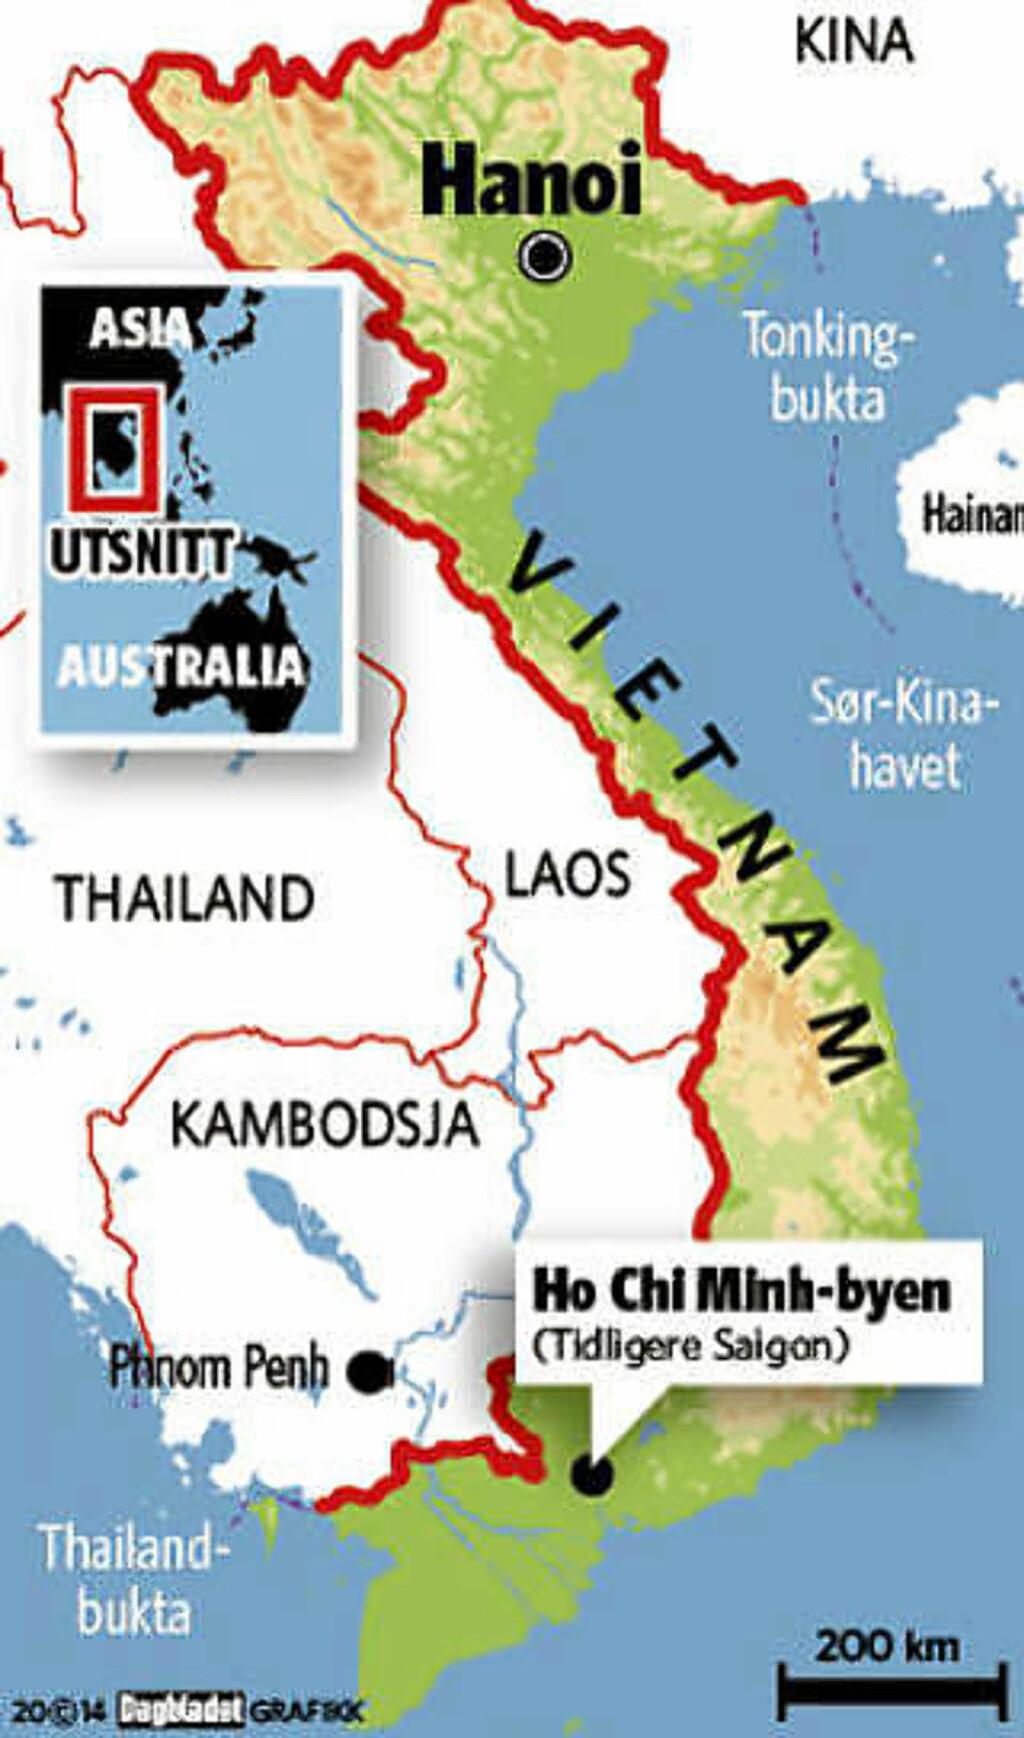 HO CHI MINH-BYEN: Tidligere Saigon, den største byen i Vietnam. Grafikk: KJELL ERIK BERG